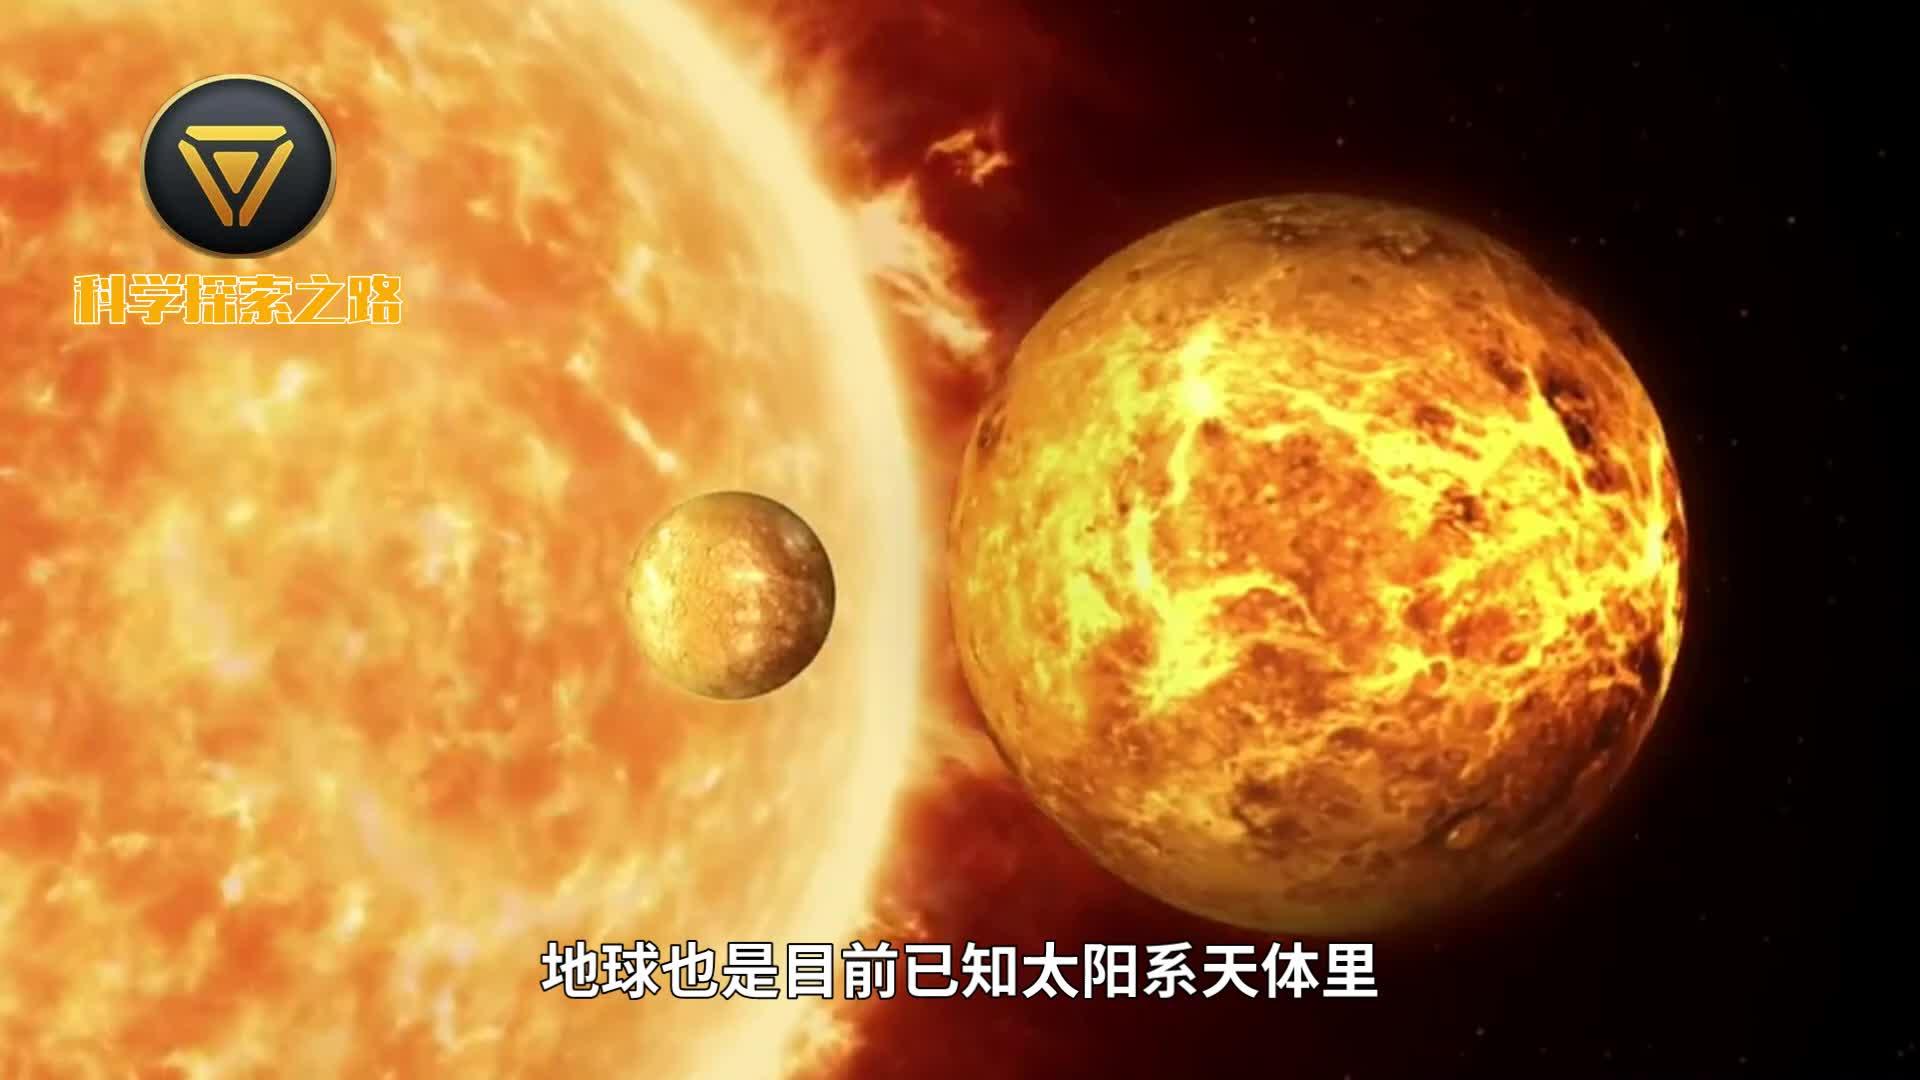 人类如何感受地球自转?这个实验,让你亲眼感受地球自转的存在!